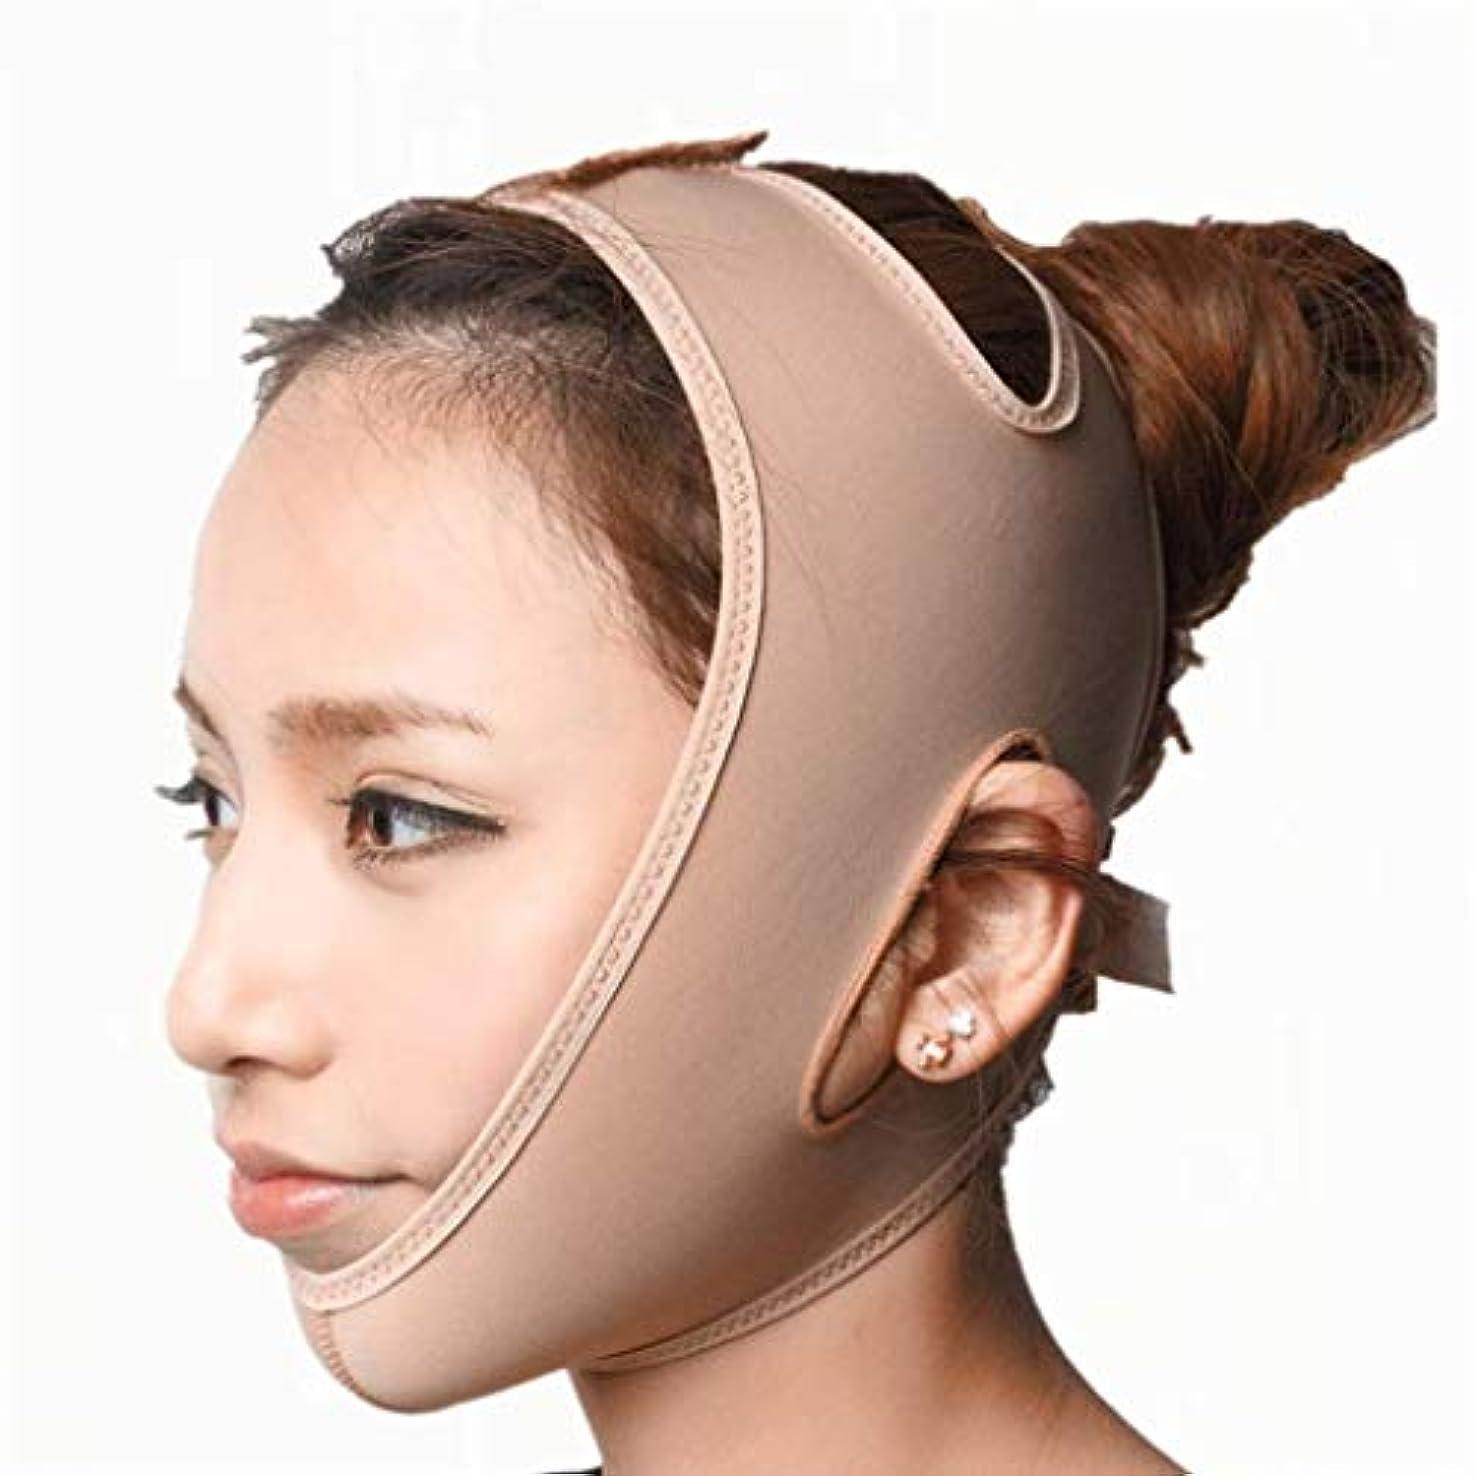 テンション思われる医療のフェイスリフティング痩身Vフェイスマスクフルカバレッジ包帯減らす顔の二重あごケア減量美容ベルト通気性